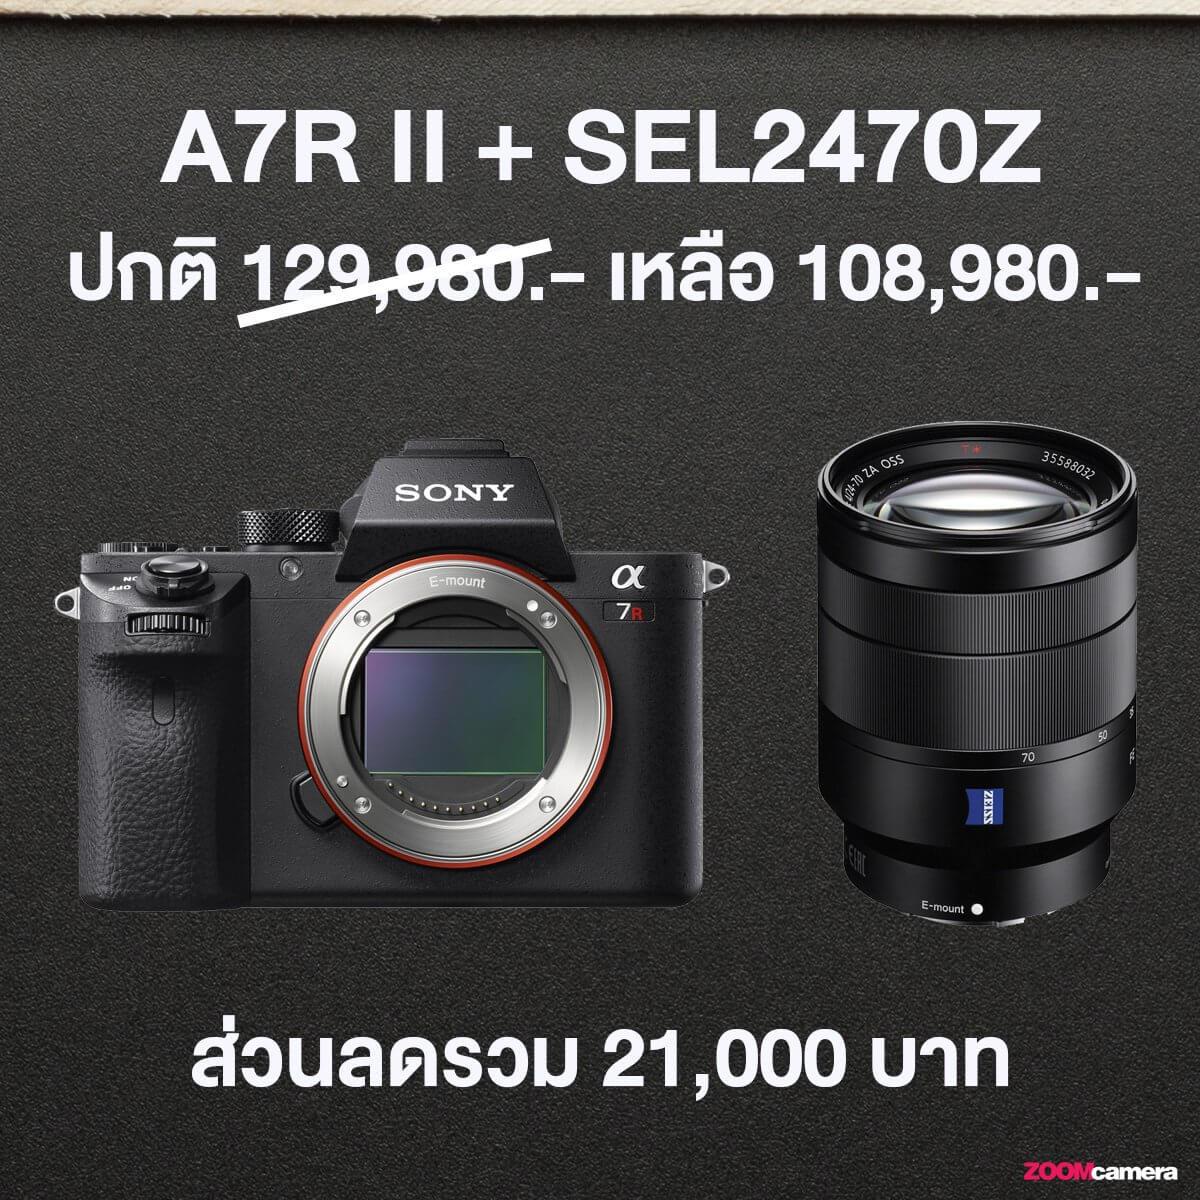 โปรโมชั่น Sony A7R II, A7S II + เลนส์ G,GM จับคู่ยังไงให้ได้ส่วนลดทั้งกล้องและเลนส์